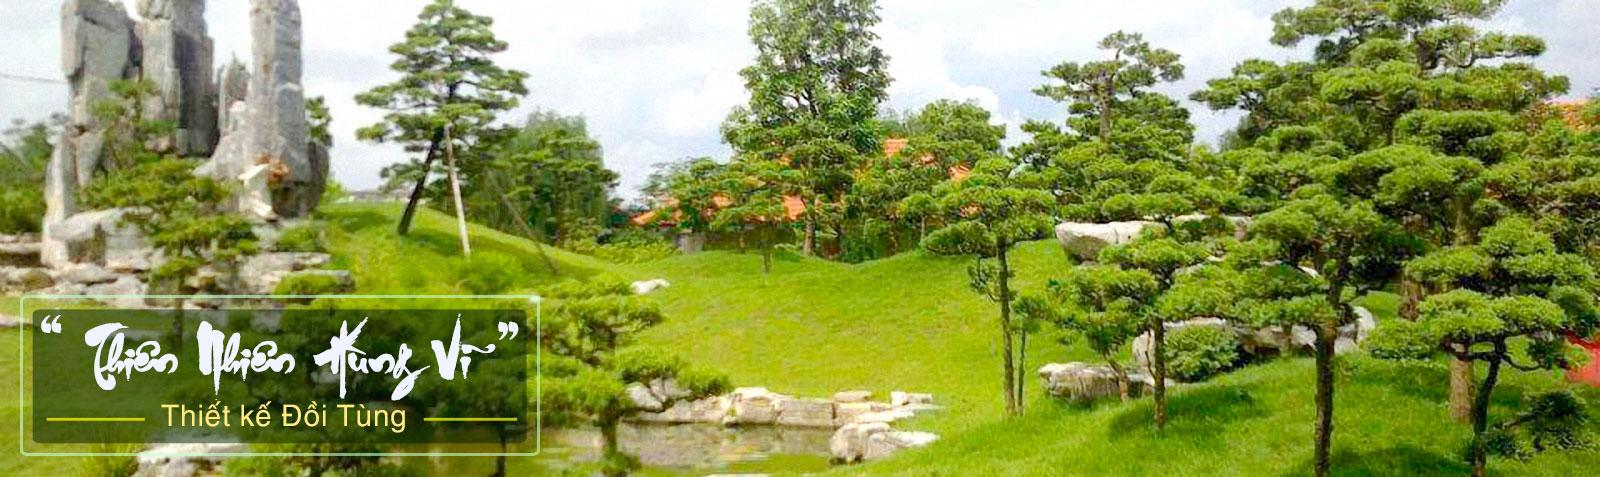 Sân vườn cổ điển